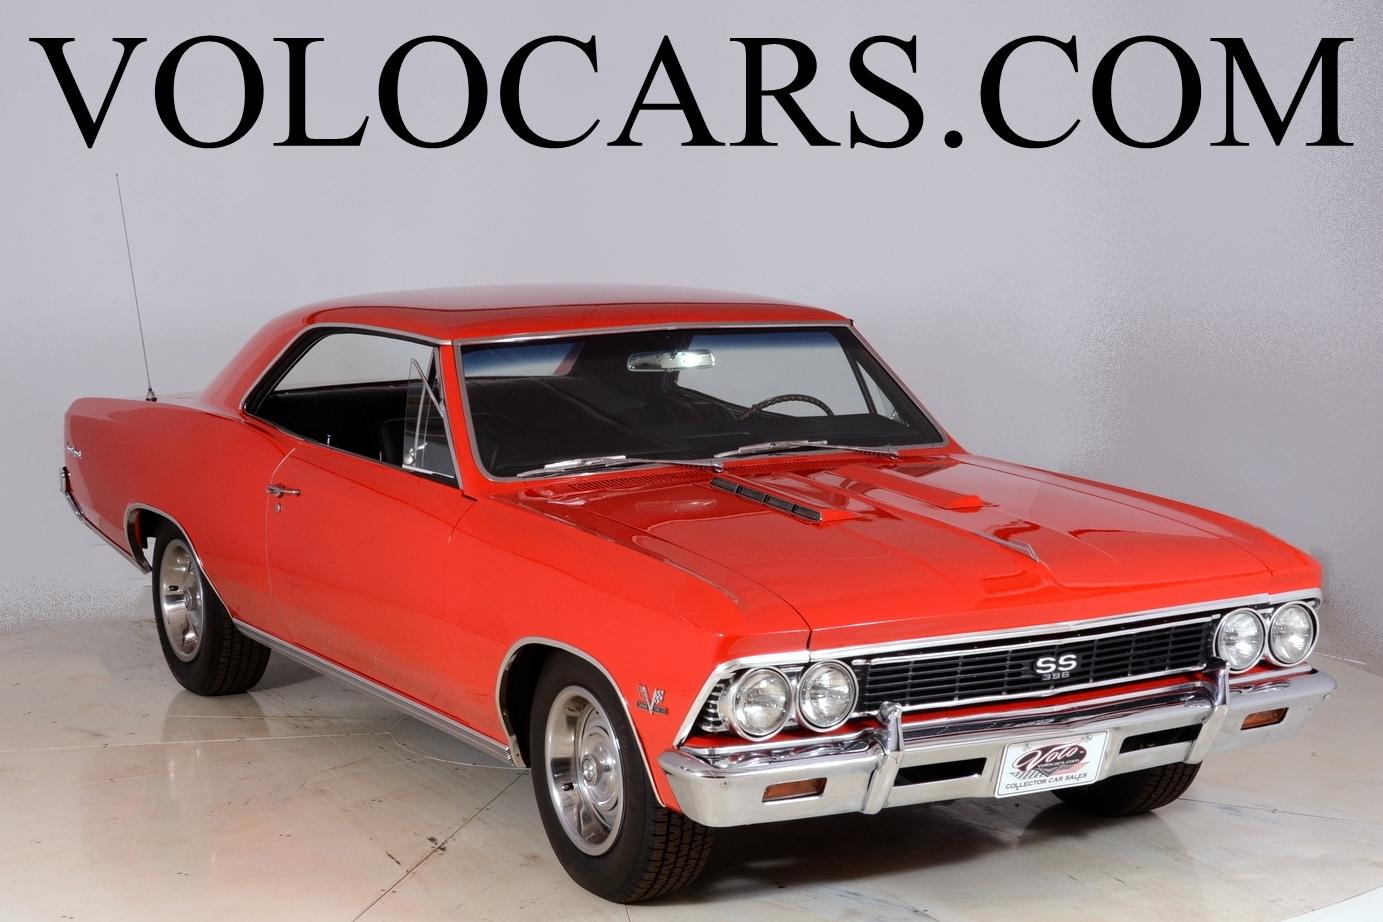 1966 Chevrolet Chevelle Volo Auto Museum Ss 396